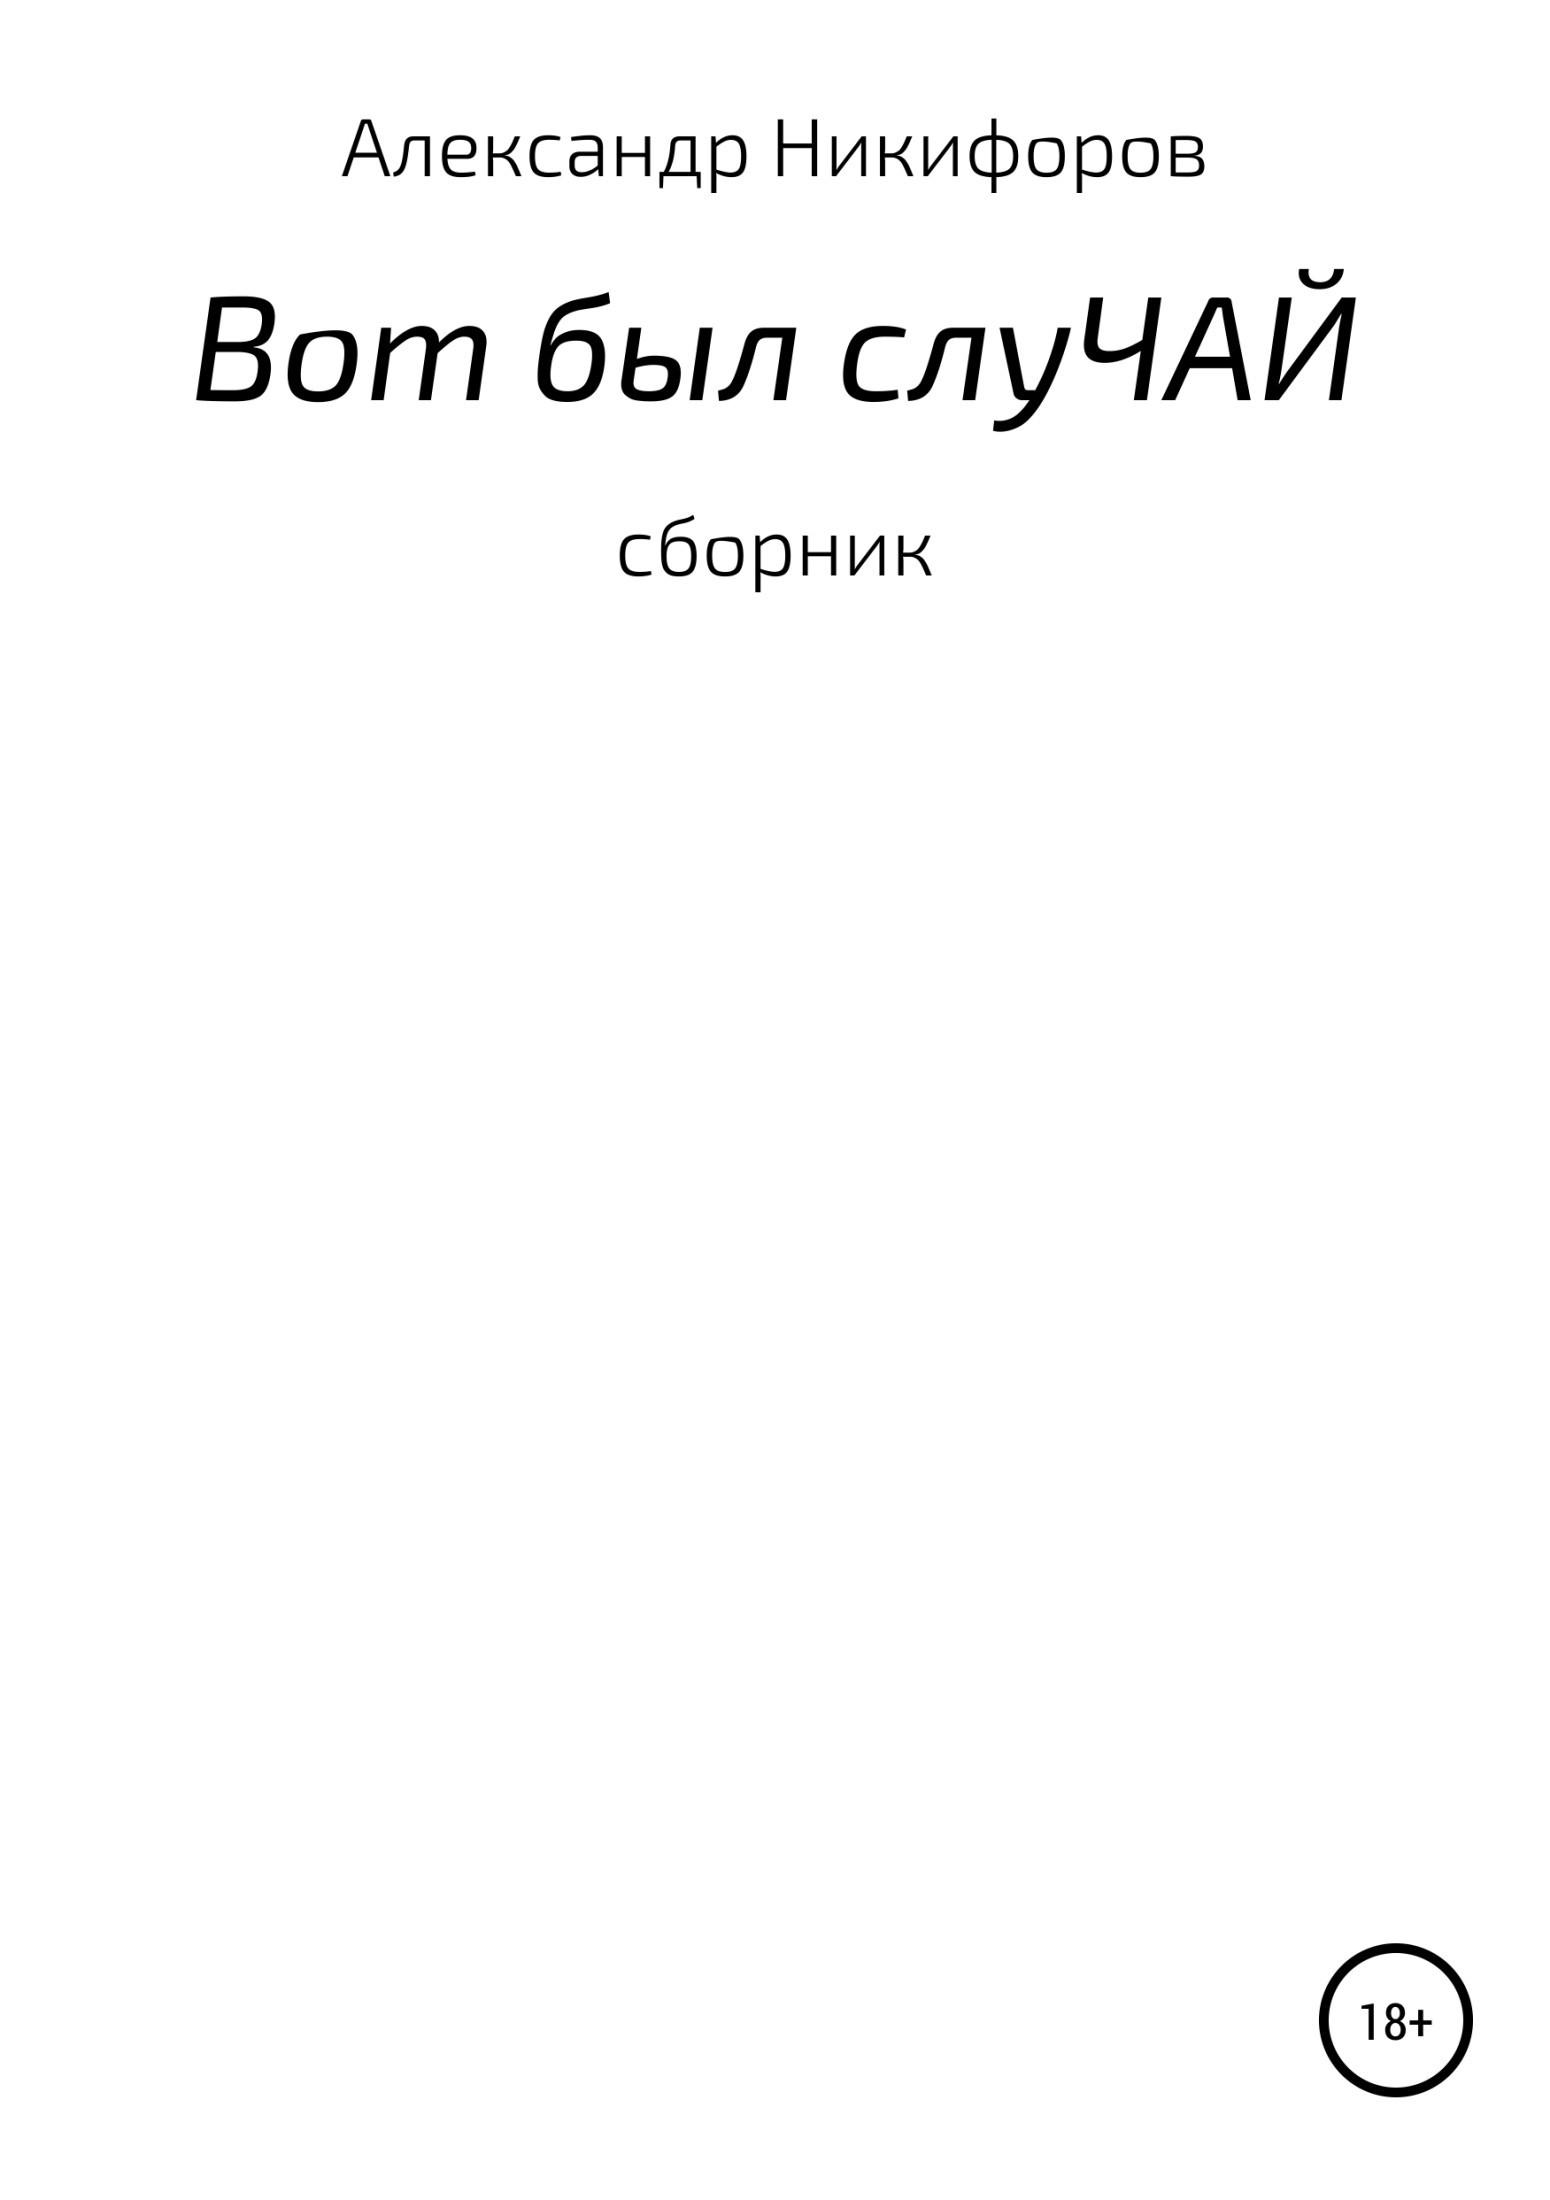 Александр Евгеньевич Никифоров Вот был слуЧАЙ. Сборник рассказов дана арнаутова мост четырех ветров сборник рассказов